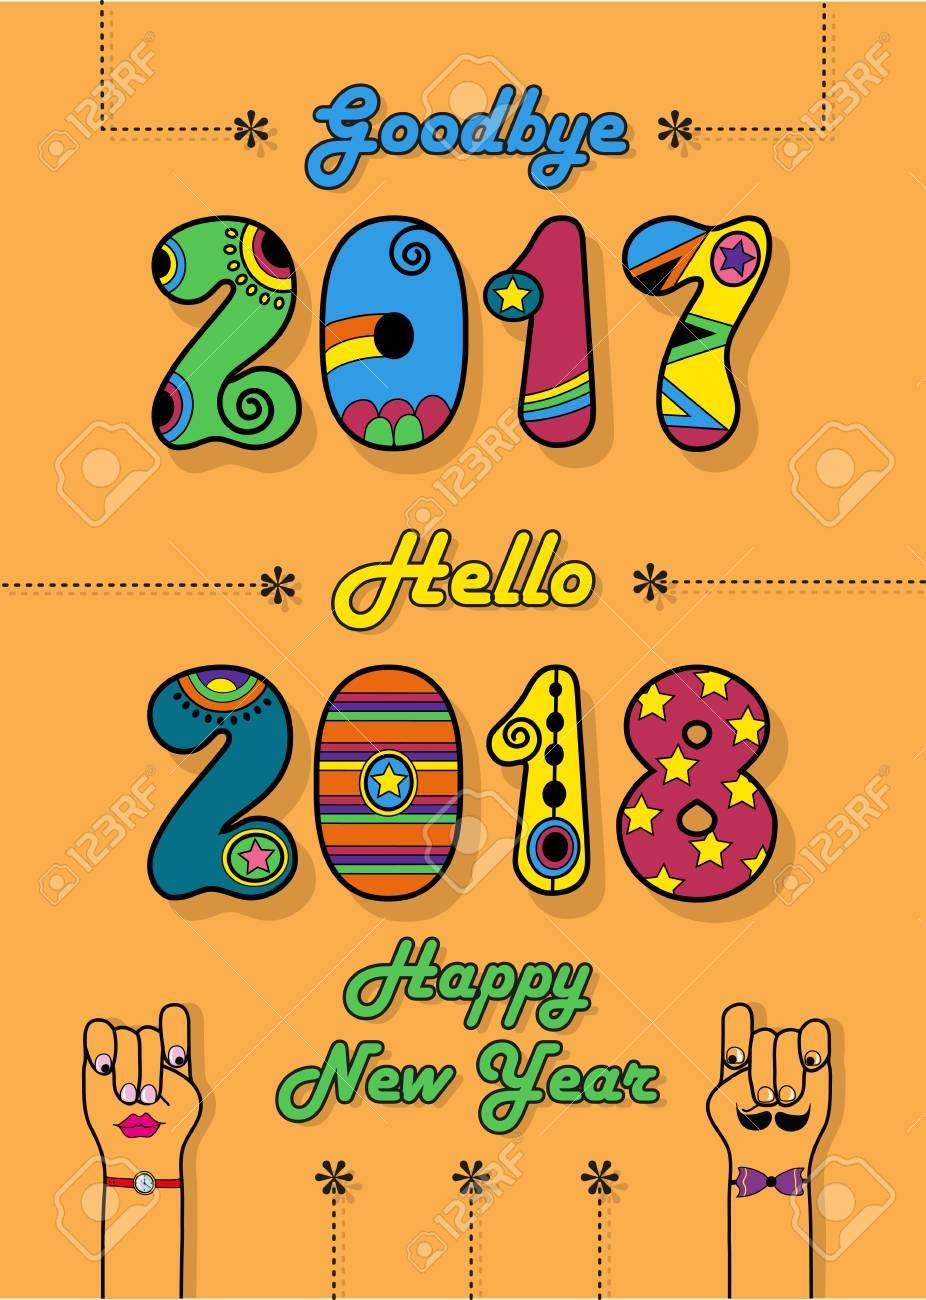 Adiós 2017 Hola 2018 Feliz Año Nuevo Números Por Fuente Artística Numerales Coloridos Con Una Decoración Brillante Dibujos Animados De Manos